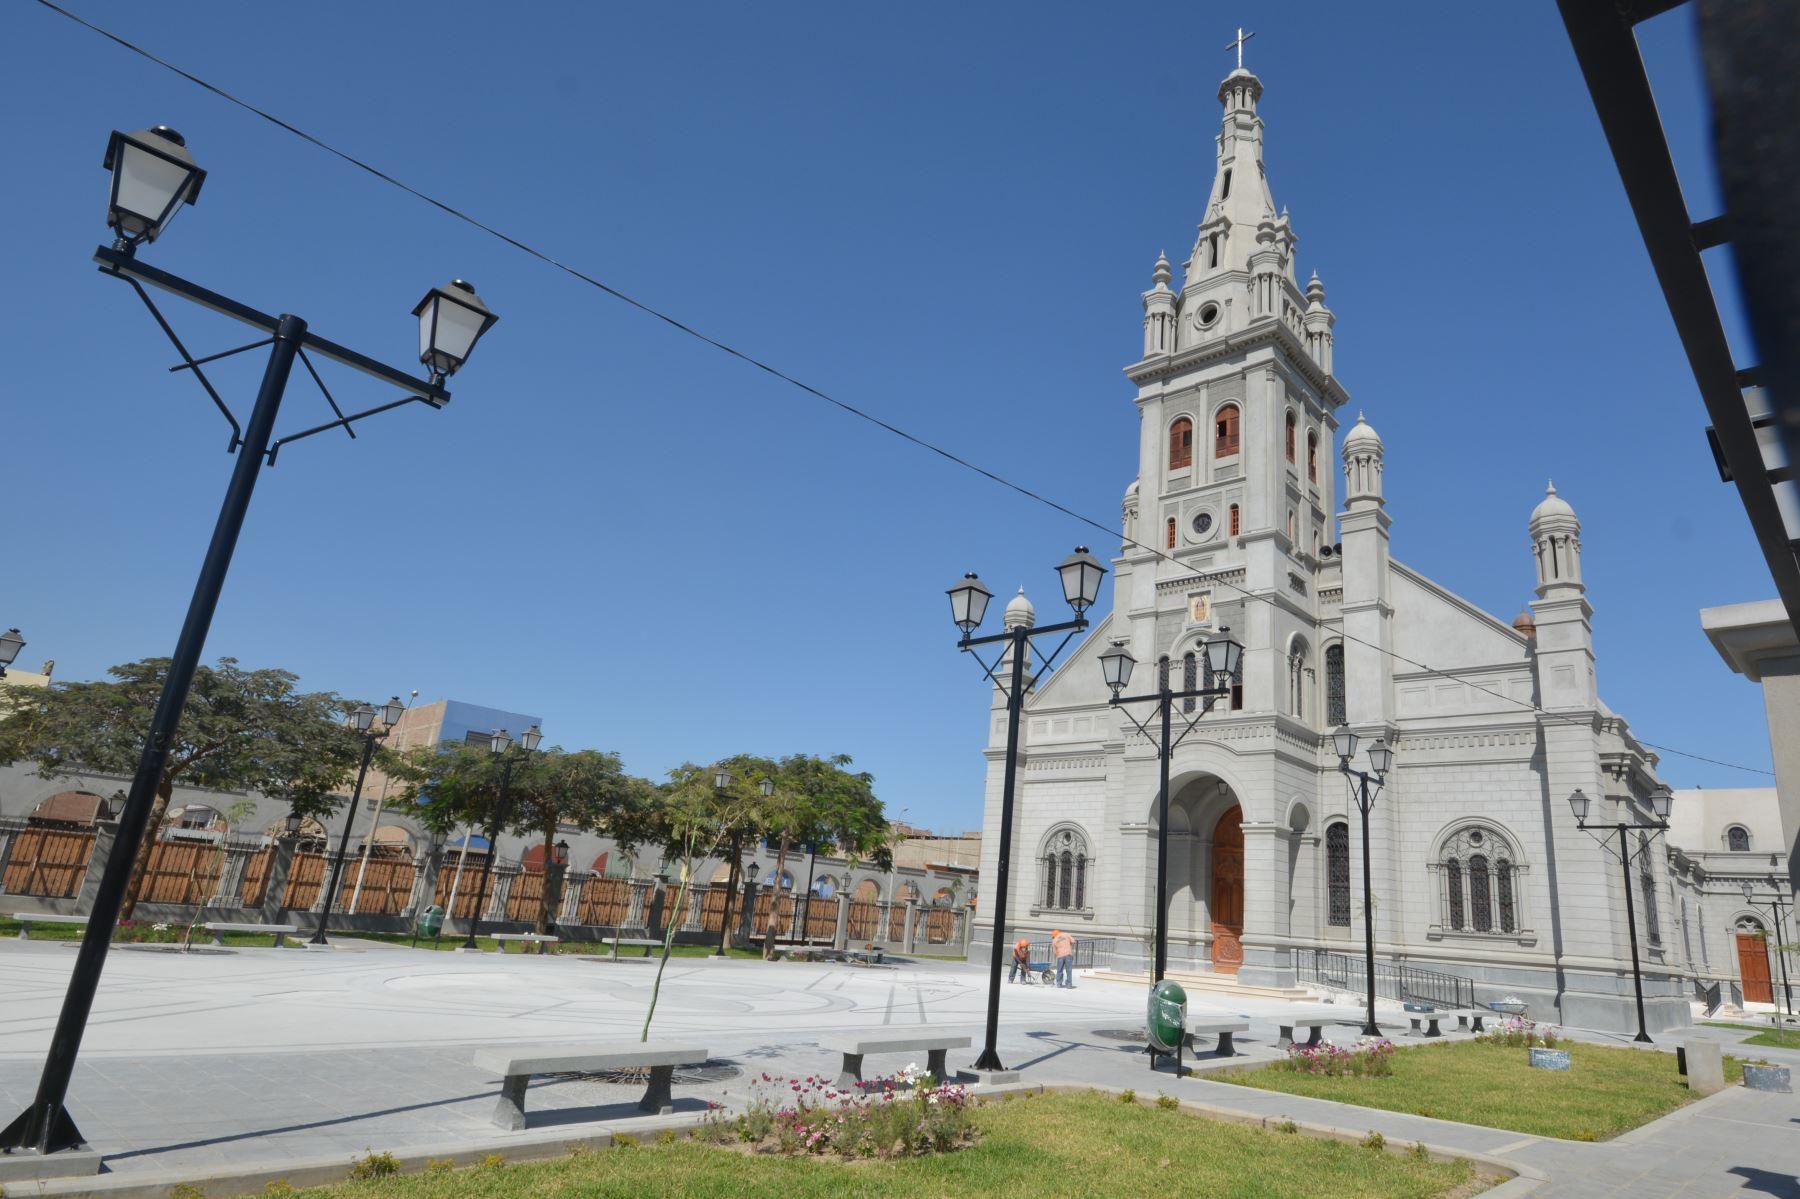 Luego de doce años de haber sido seriamente afectado por el terremoto que sacudió el sur peruano, y diez años de obras de construcción, el nuevo Santuario del Señor de Luren será inaugurado el próximo 14 de junio, anunciaron la Municipalidad Provincial de Ica y la Parroquia Santiago de Luren.